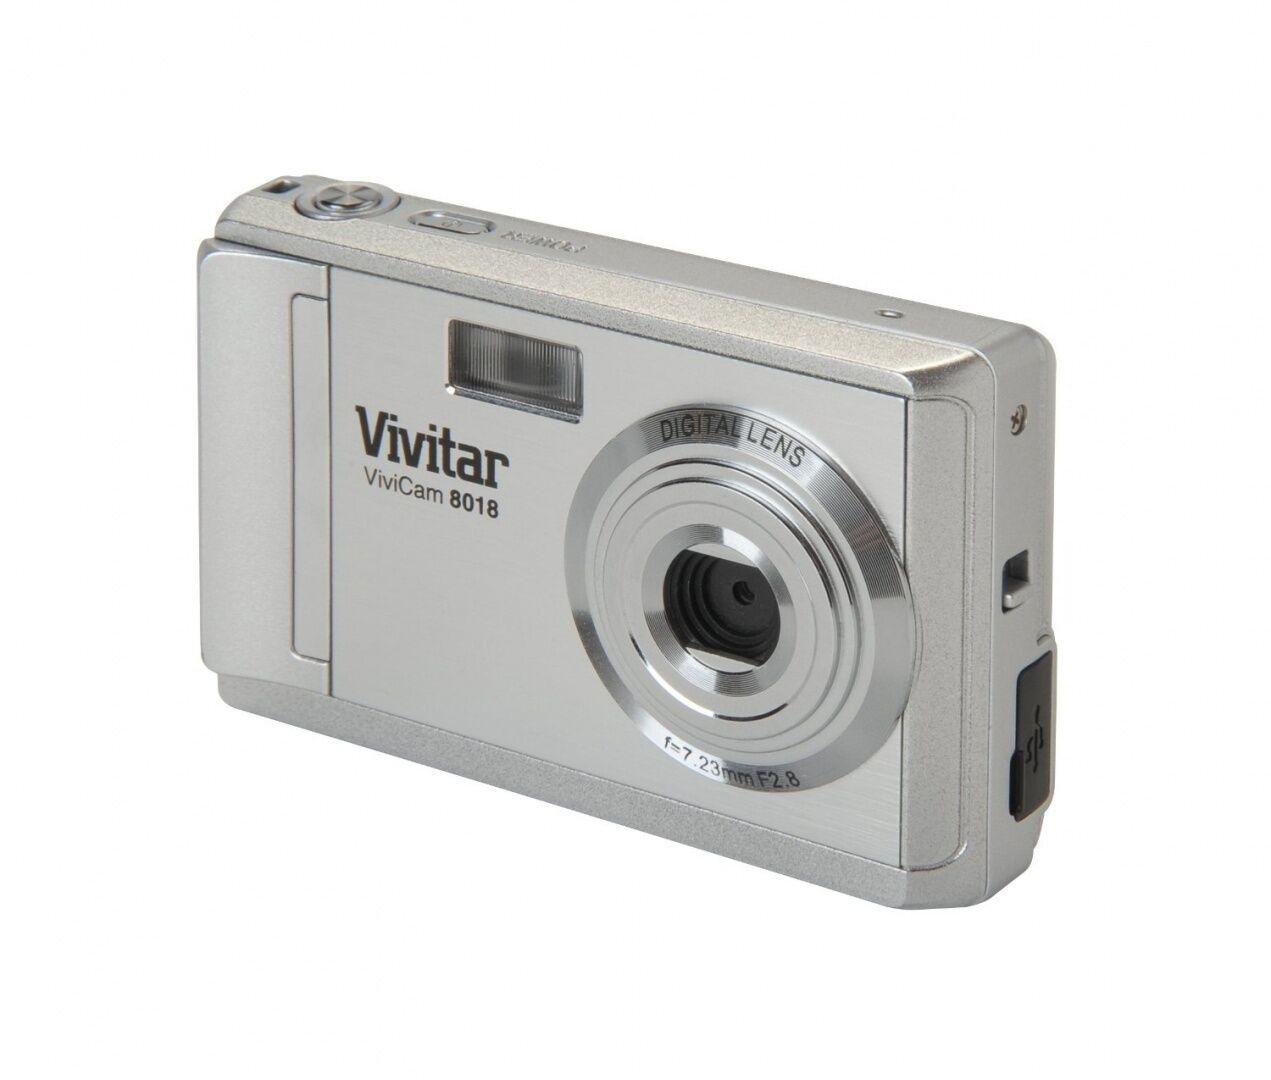 vivitar vivicam 8018 8 1mp digital camera silver ebay rh ebay com Vivitar ViviCam Xx14 User Manual Vivitar ViviCam F126 Manual